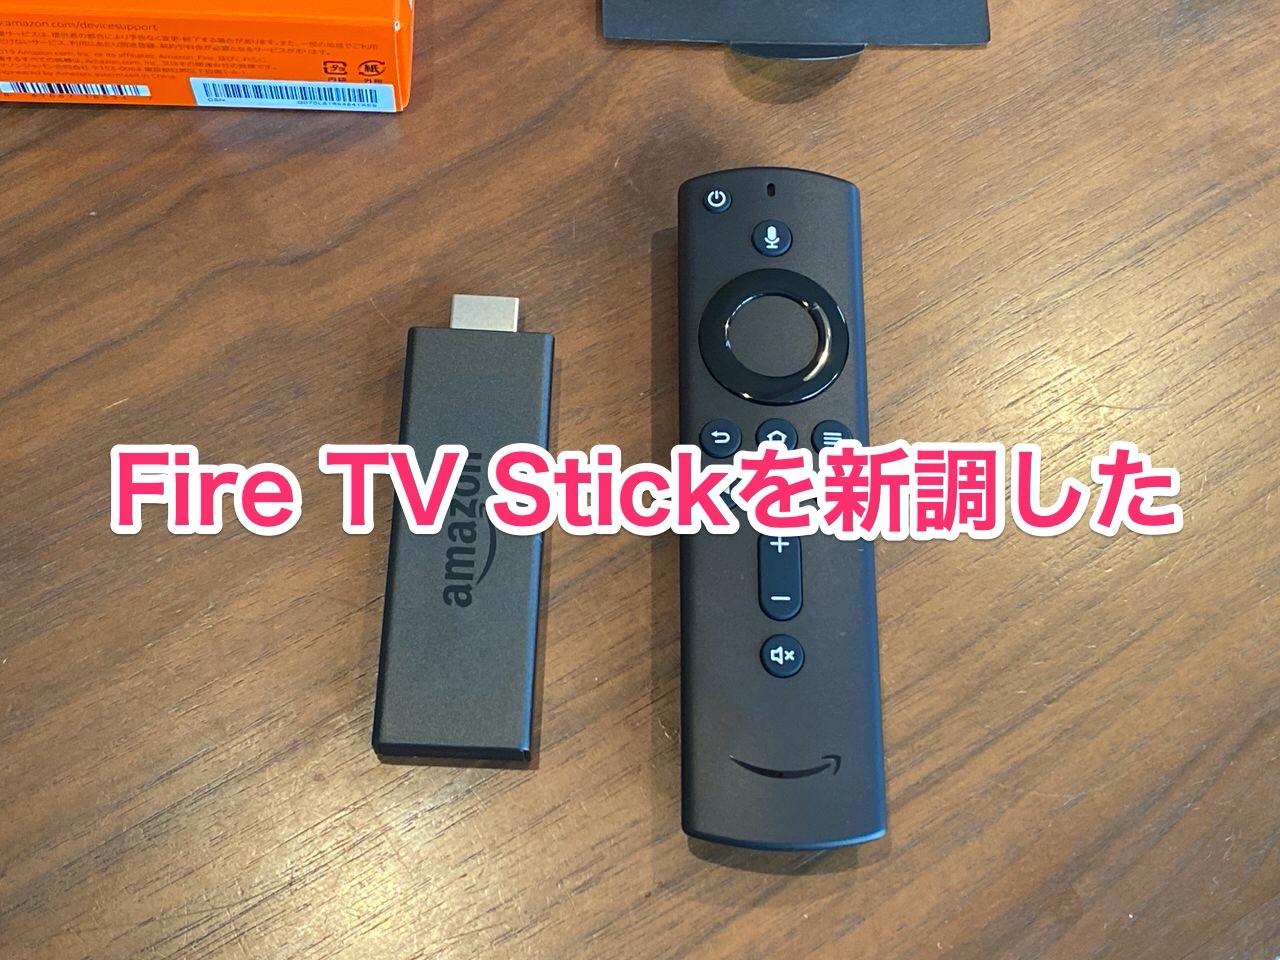 サイバーマンデーセールで「Fire TV Stick」を新調したら動作がスルスルになっちゃって、もう。今日まで2,980円!